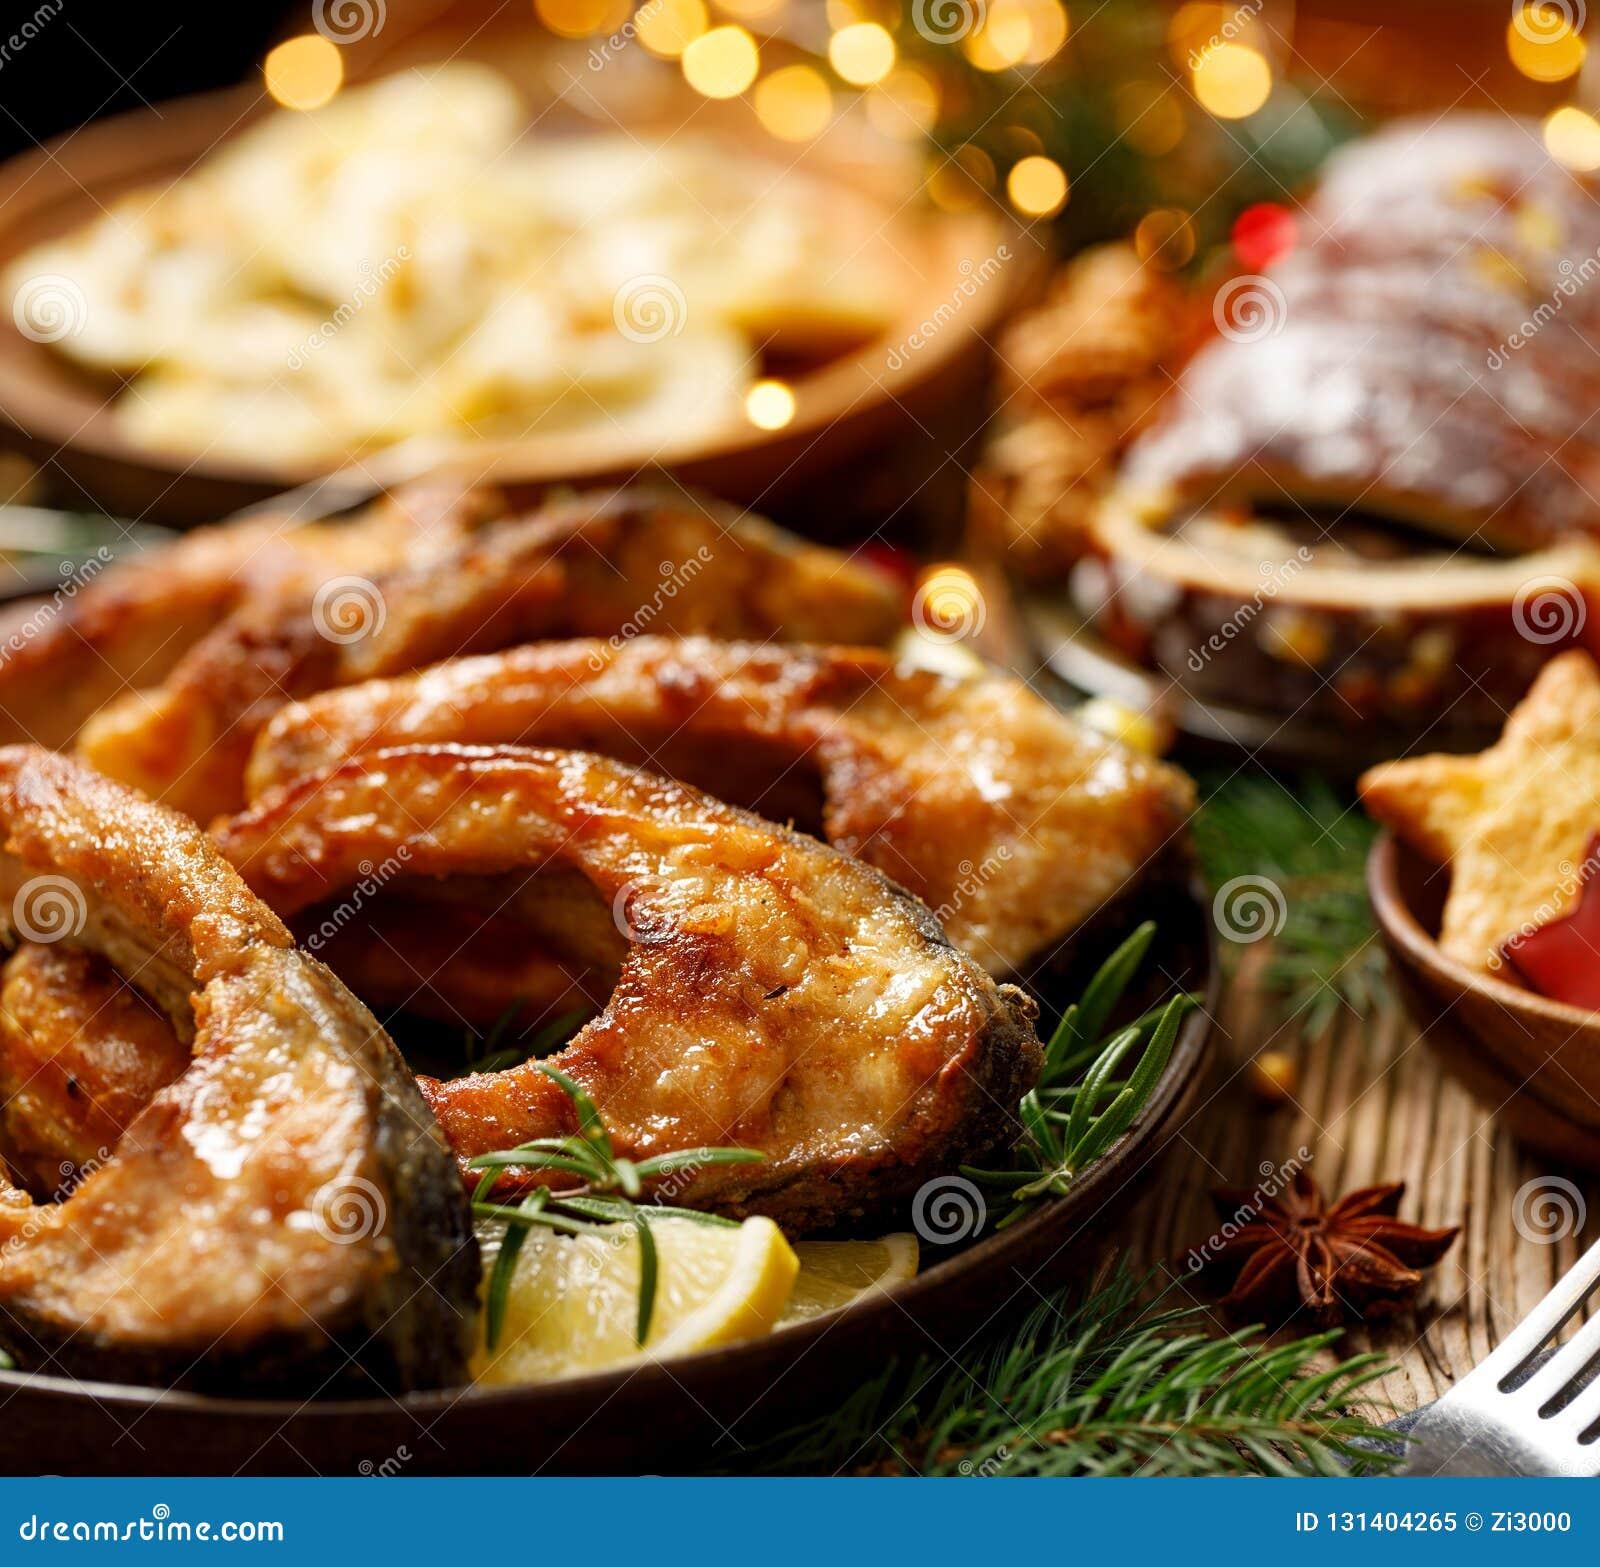 Зажаренные куски рыб на керамической плите, конец карпа вверх Традиционное блюдо Рожденственской ночи